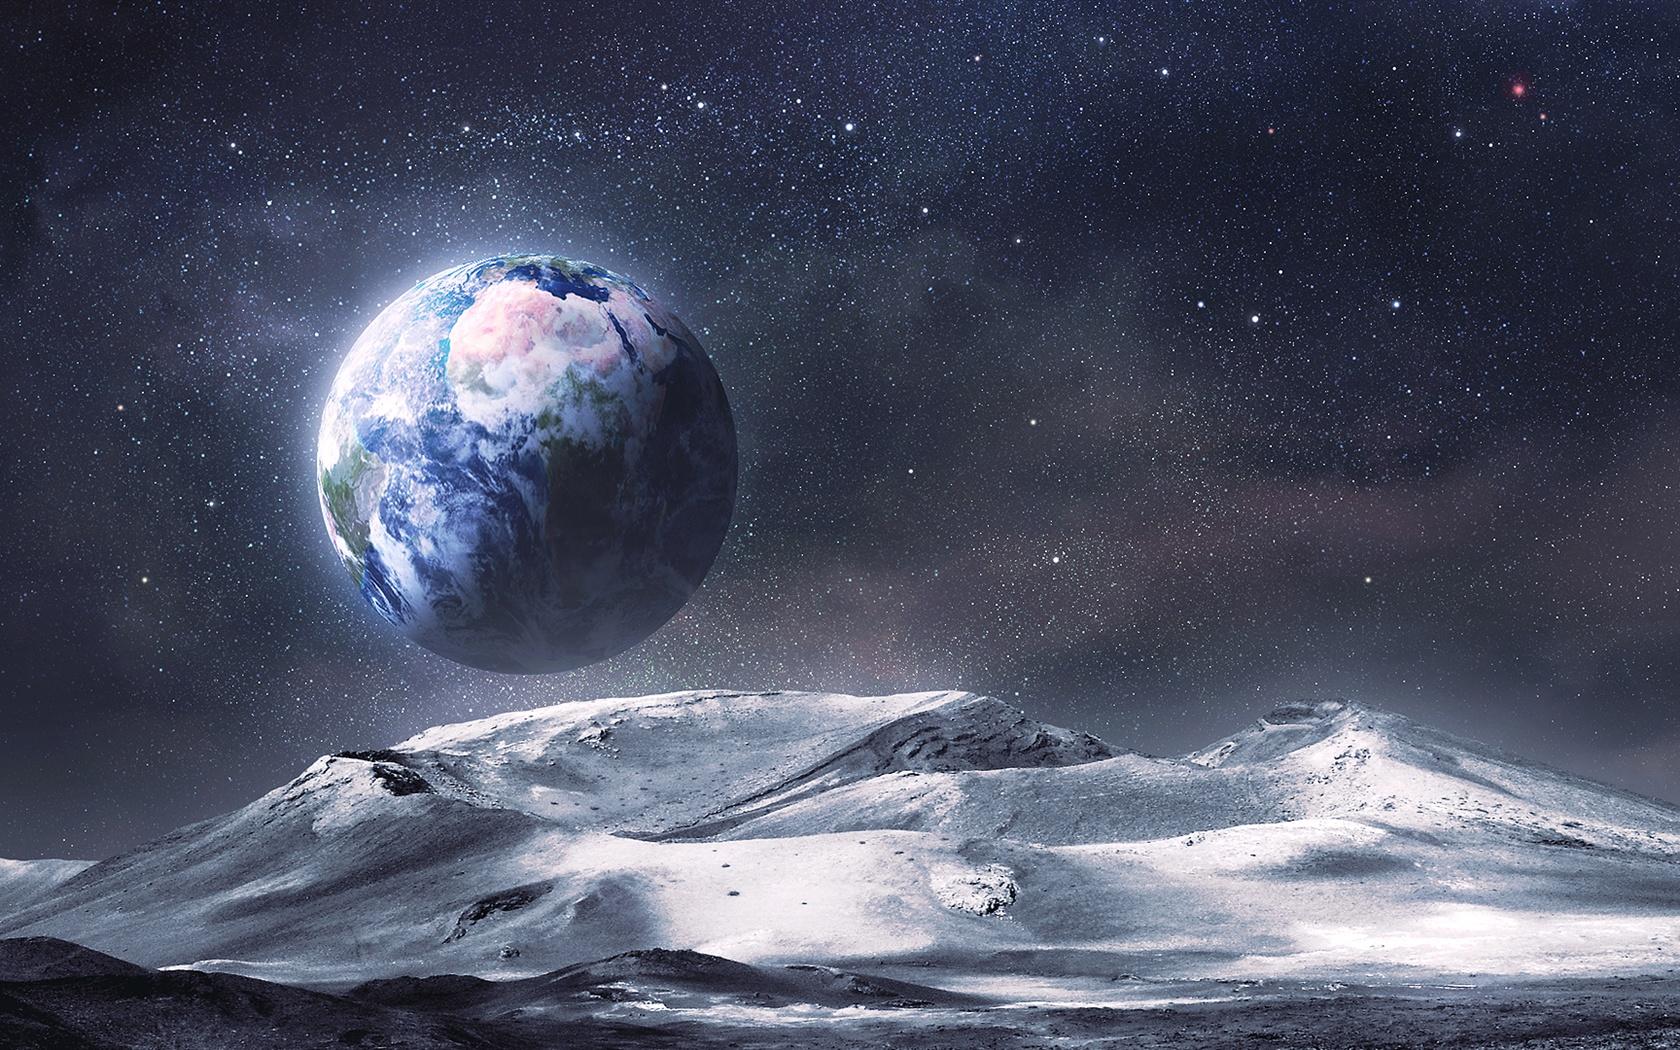 宇宙の惑星から地球を見る 壁紙 - 1680x1050    1680x1050 壁紙ダウンロー